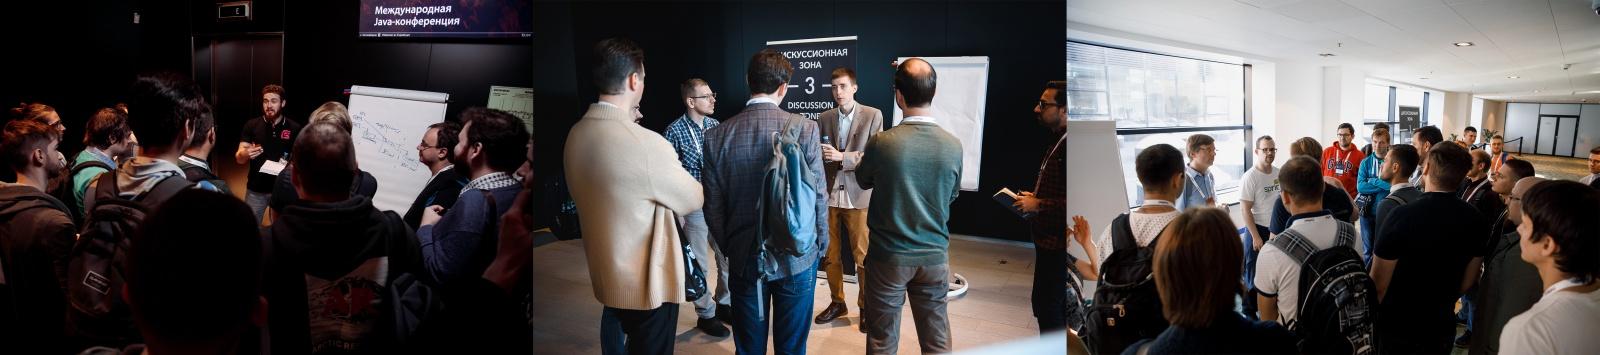 Атакуем Joker 2019 полностью: как прошла самая крупная Java-конференция в России - 6